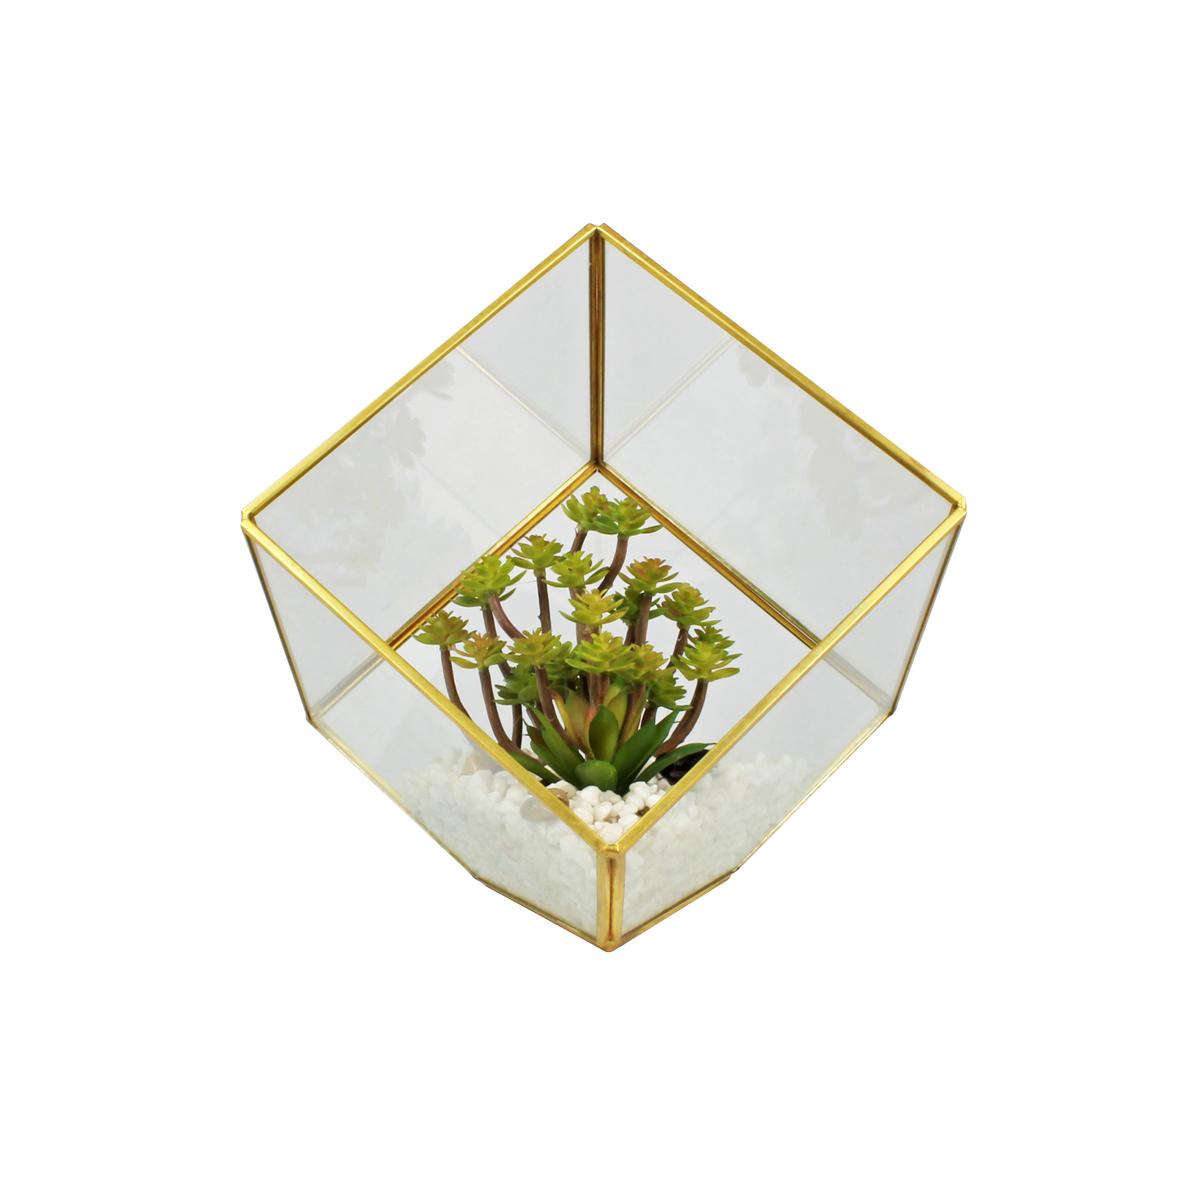 Terrário Decorativo C/ Plantas Artificiais Mod. Cubo Dourado